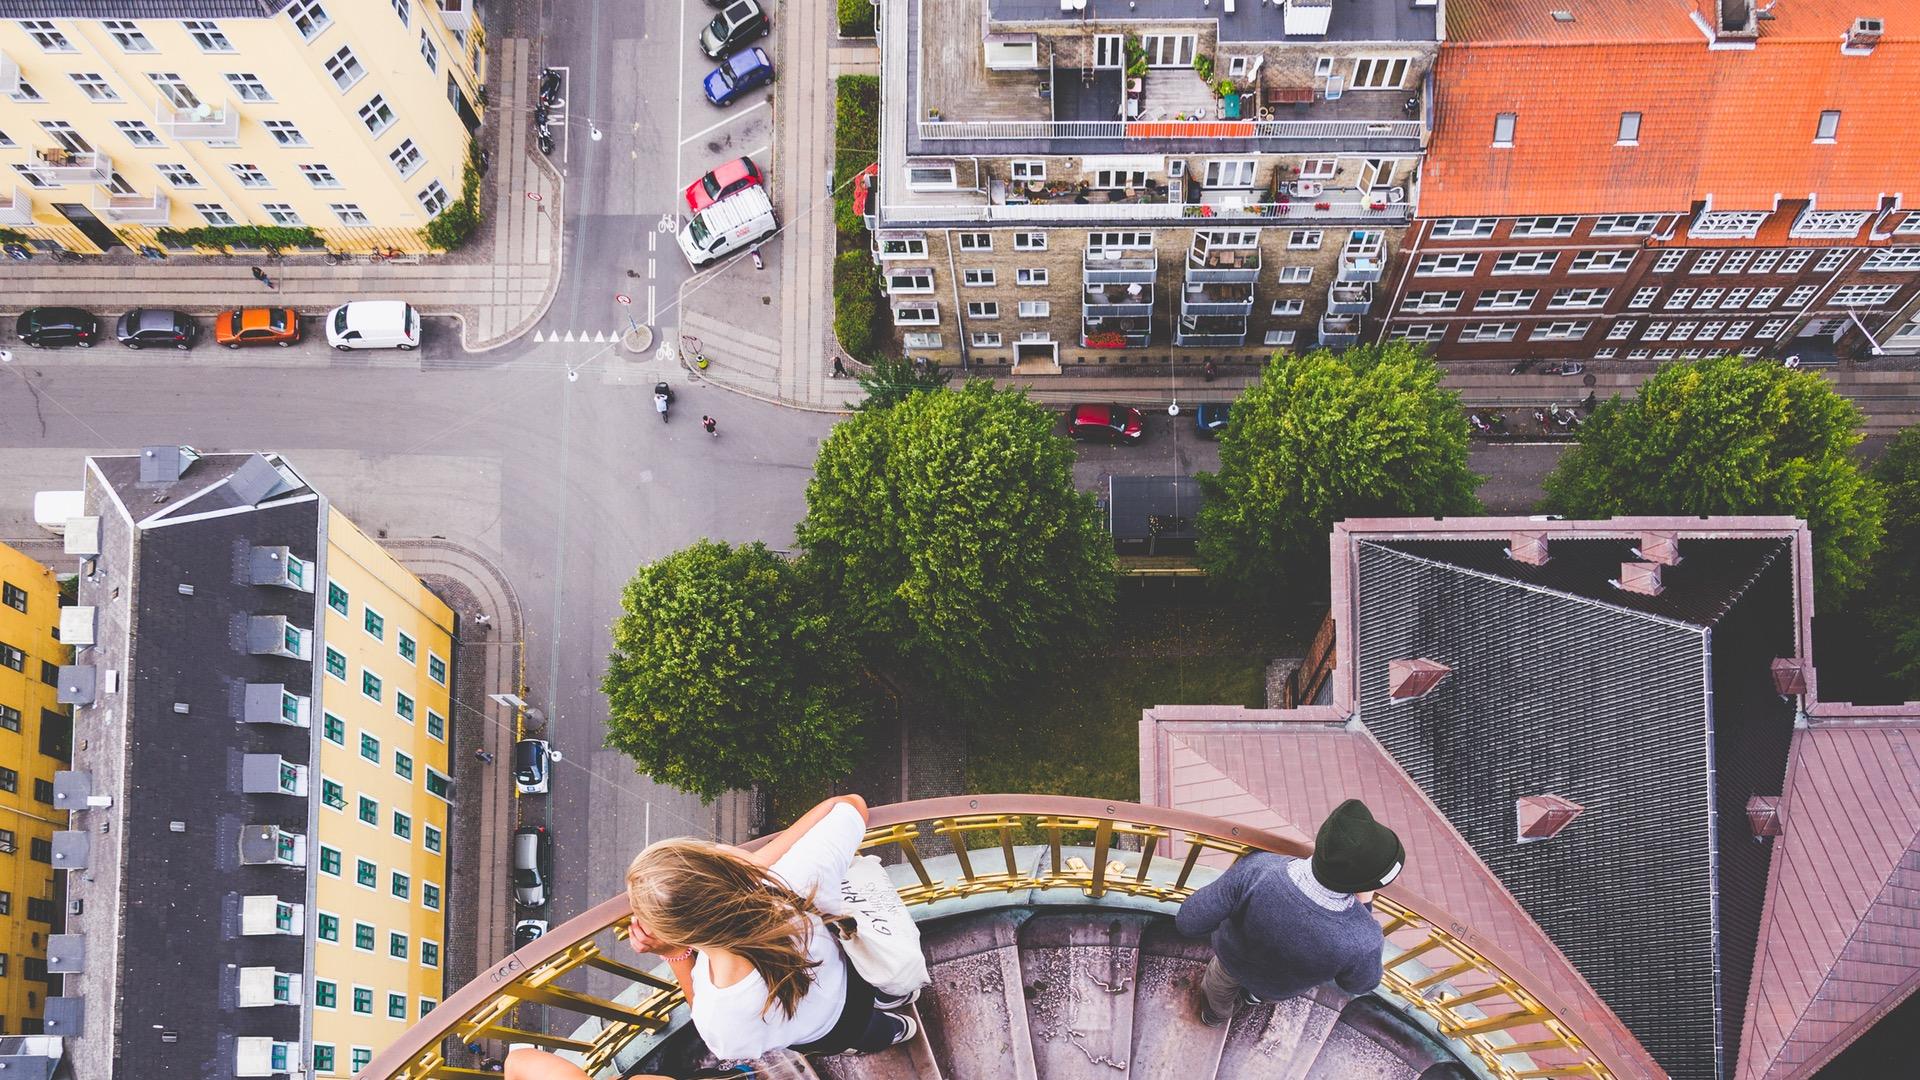 Miért kellene, és hogyan lehetne olcsóbbá tenni a lakásokat és az albérleteket Budapesten?